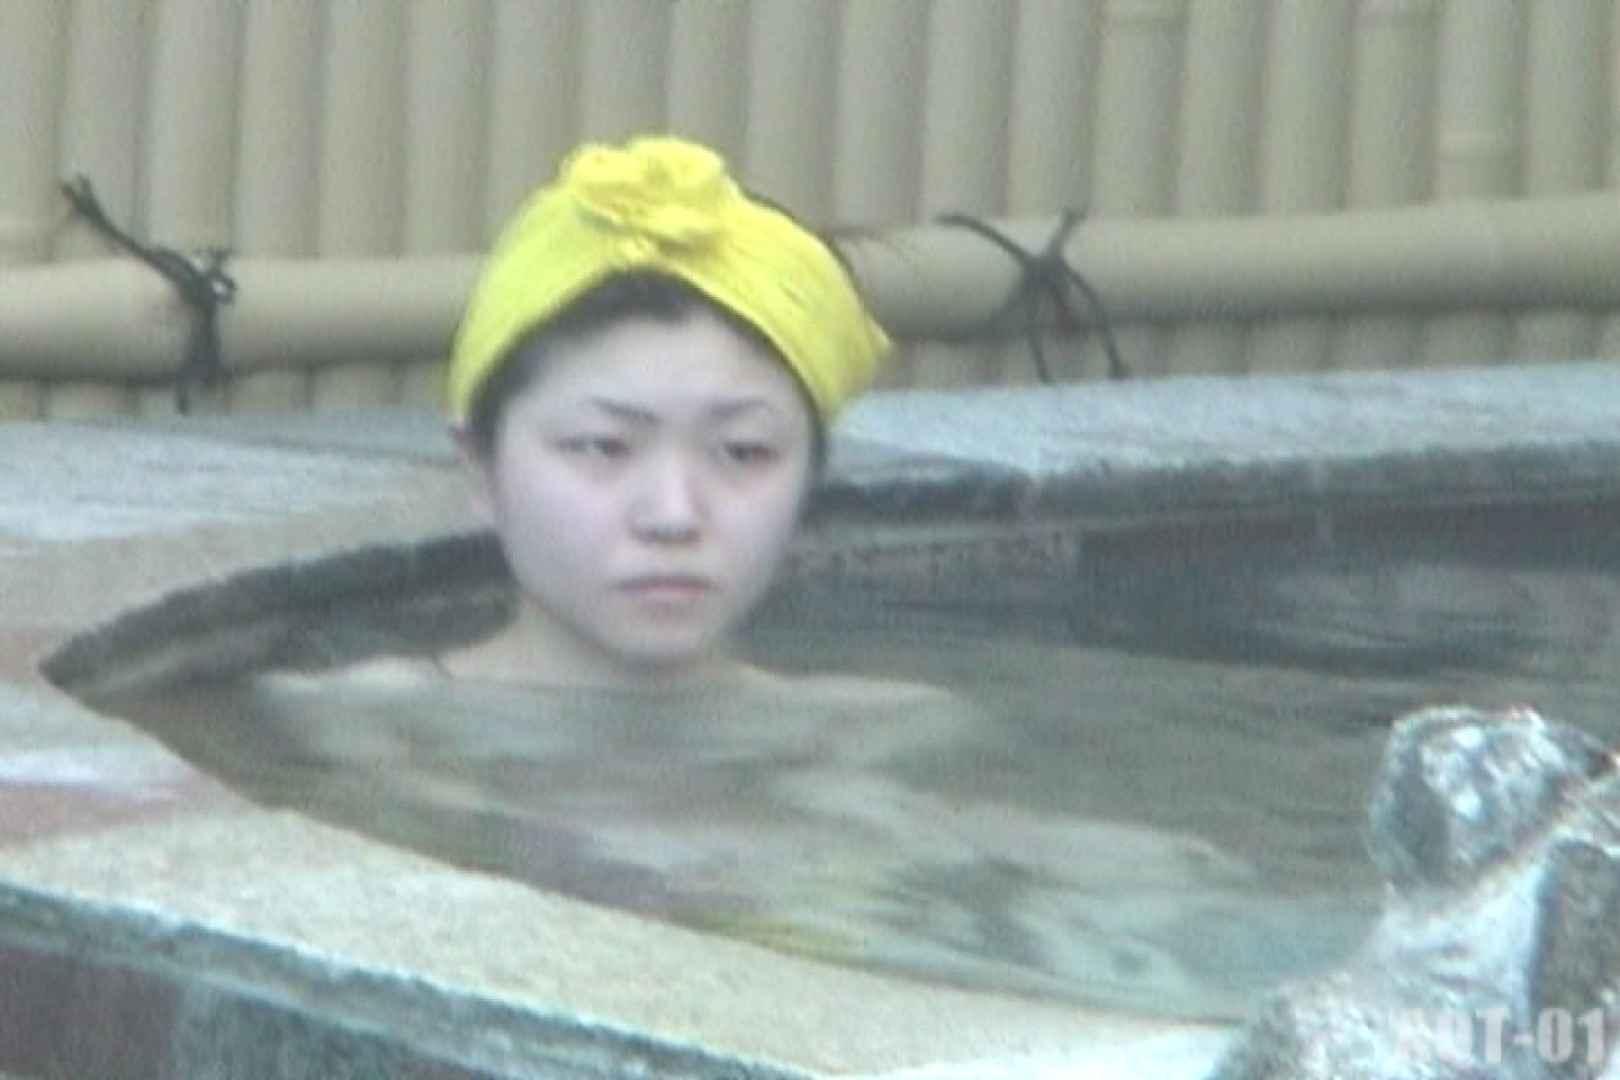 Aquaな露天風呂Vol.720 盗撮  98枚 6